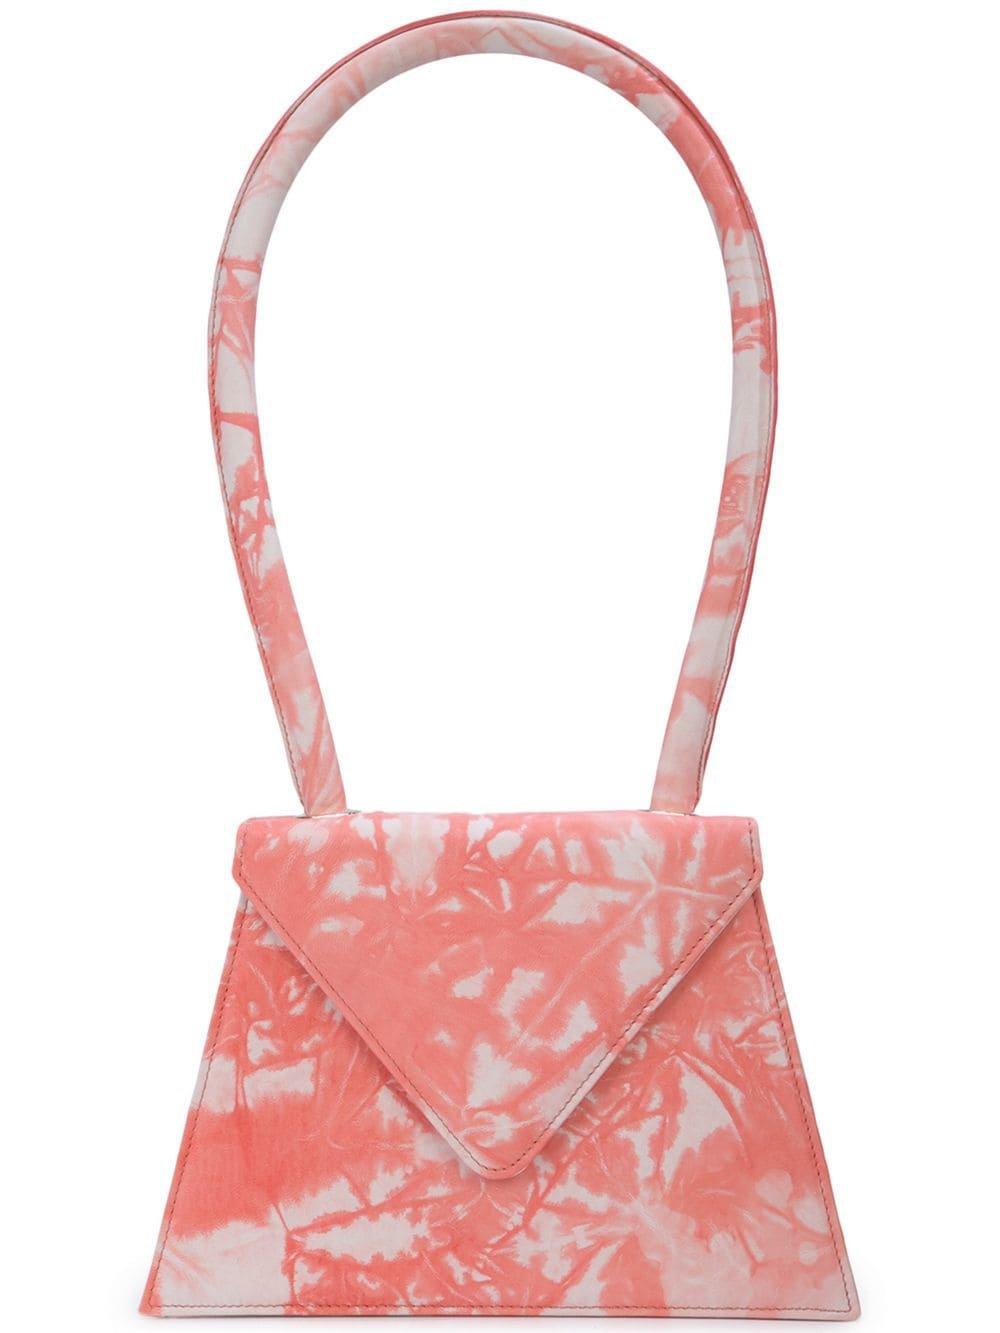 Amélie Pichard Flat tie-dye Bag - Farfetch